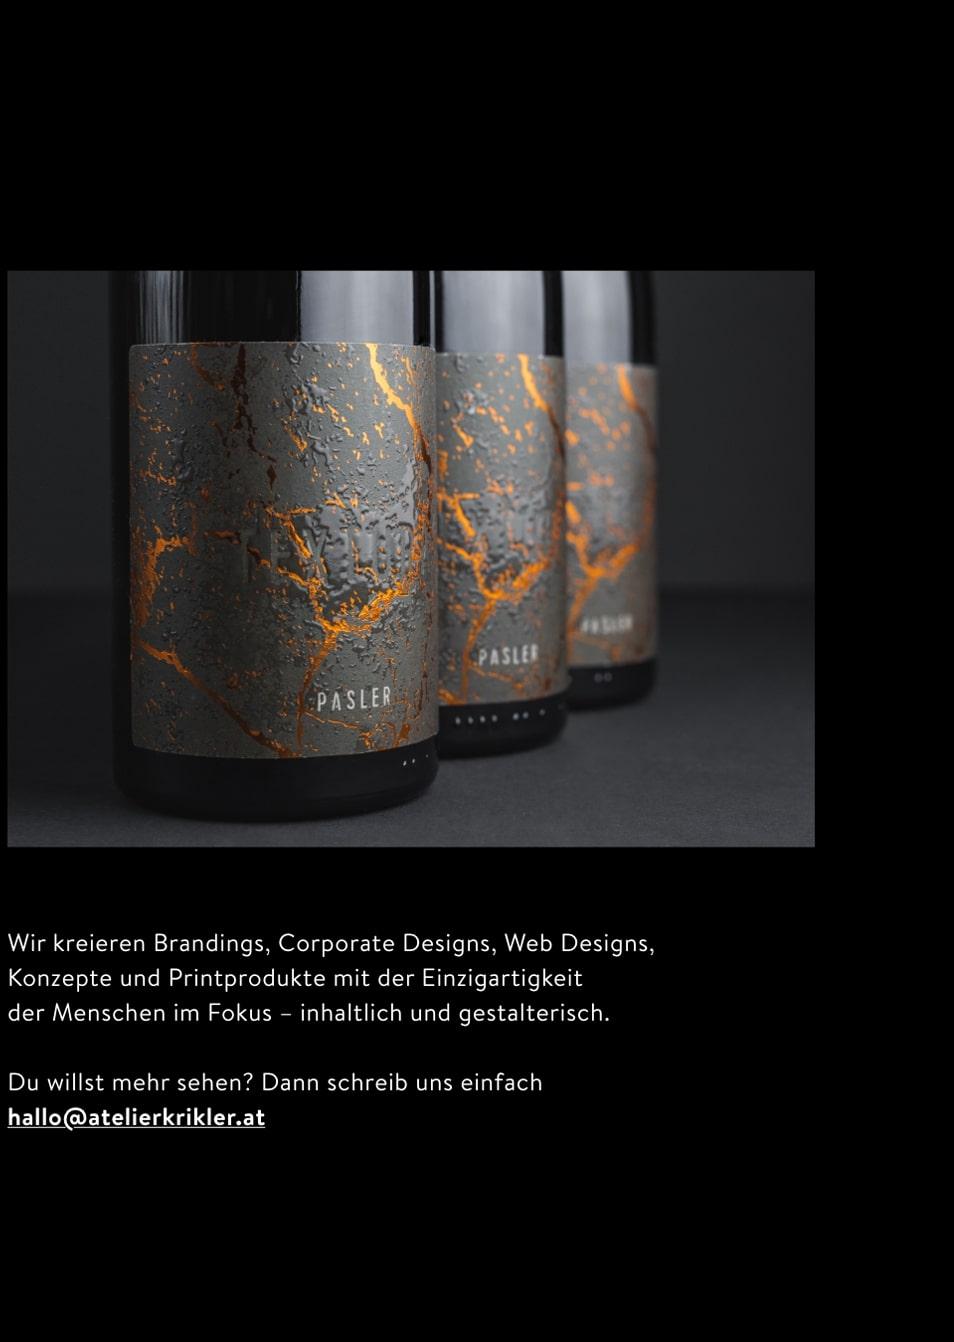 Abbildung einer Mockupgrafik zur Weinflaschenetikette des Weingut Pasler